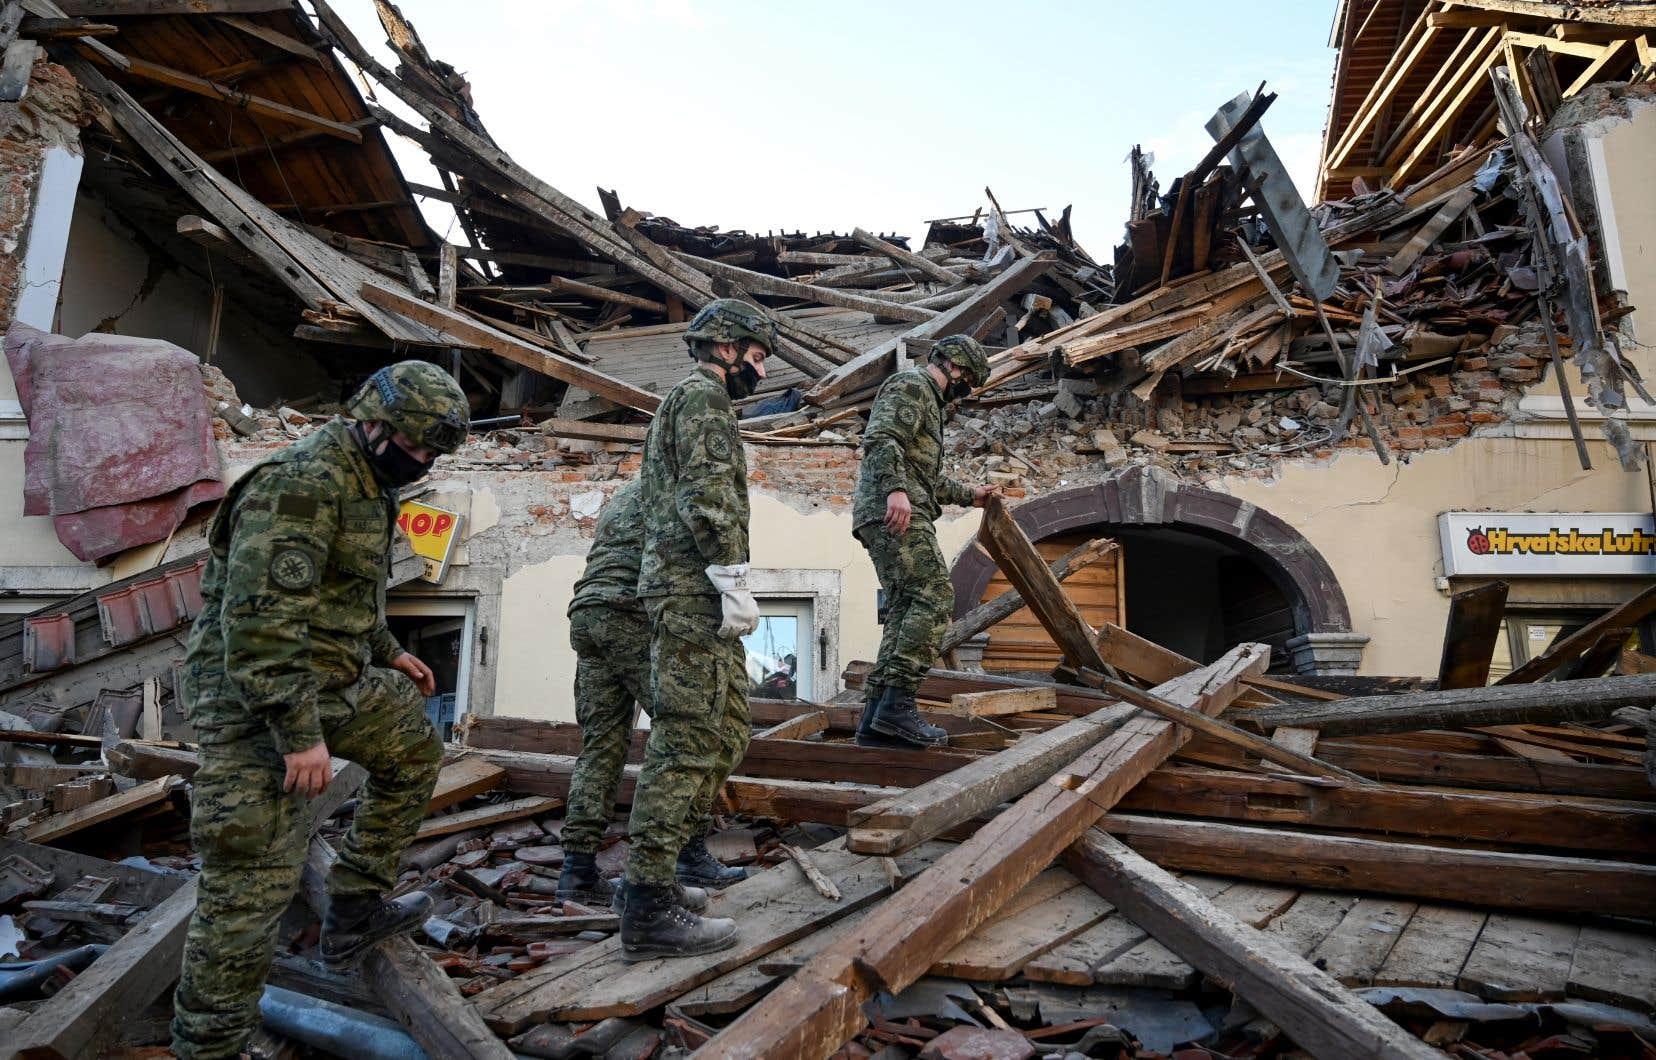 Dans la ville de Petrinja, des secouristes se sont précipités dans les décombres ou à l'intérieur des maisons abîmées pour venir en aide aux éventuelles victimes.